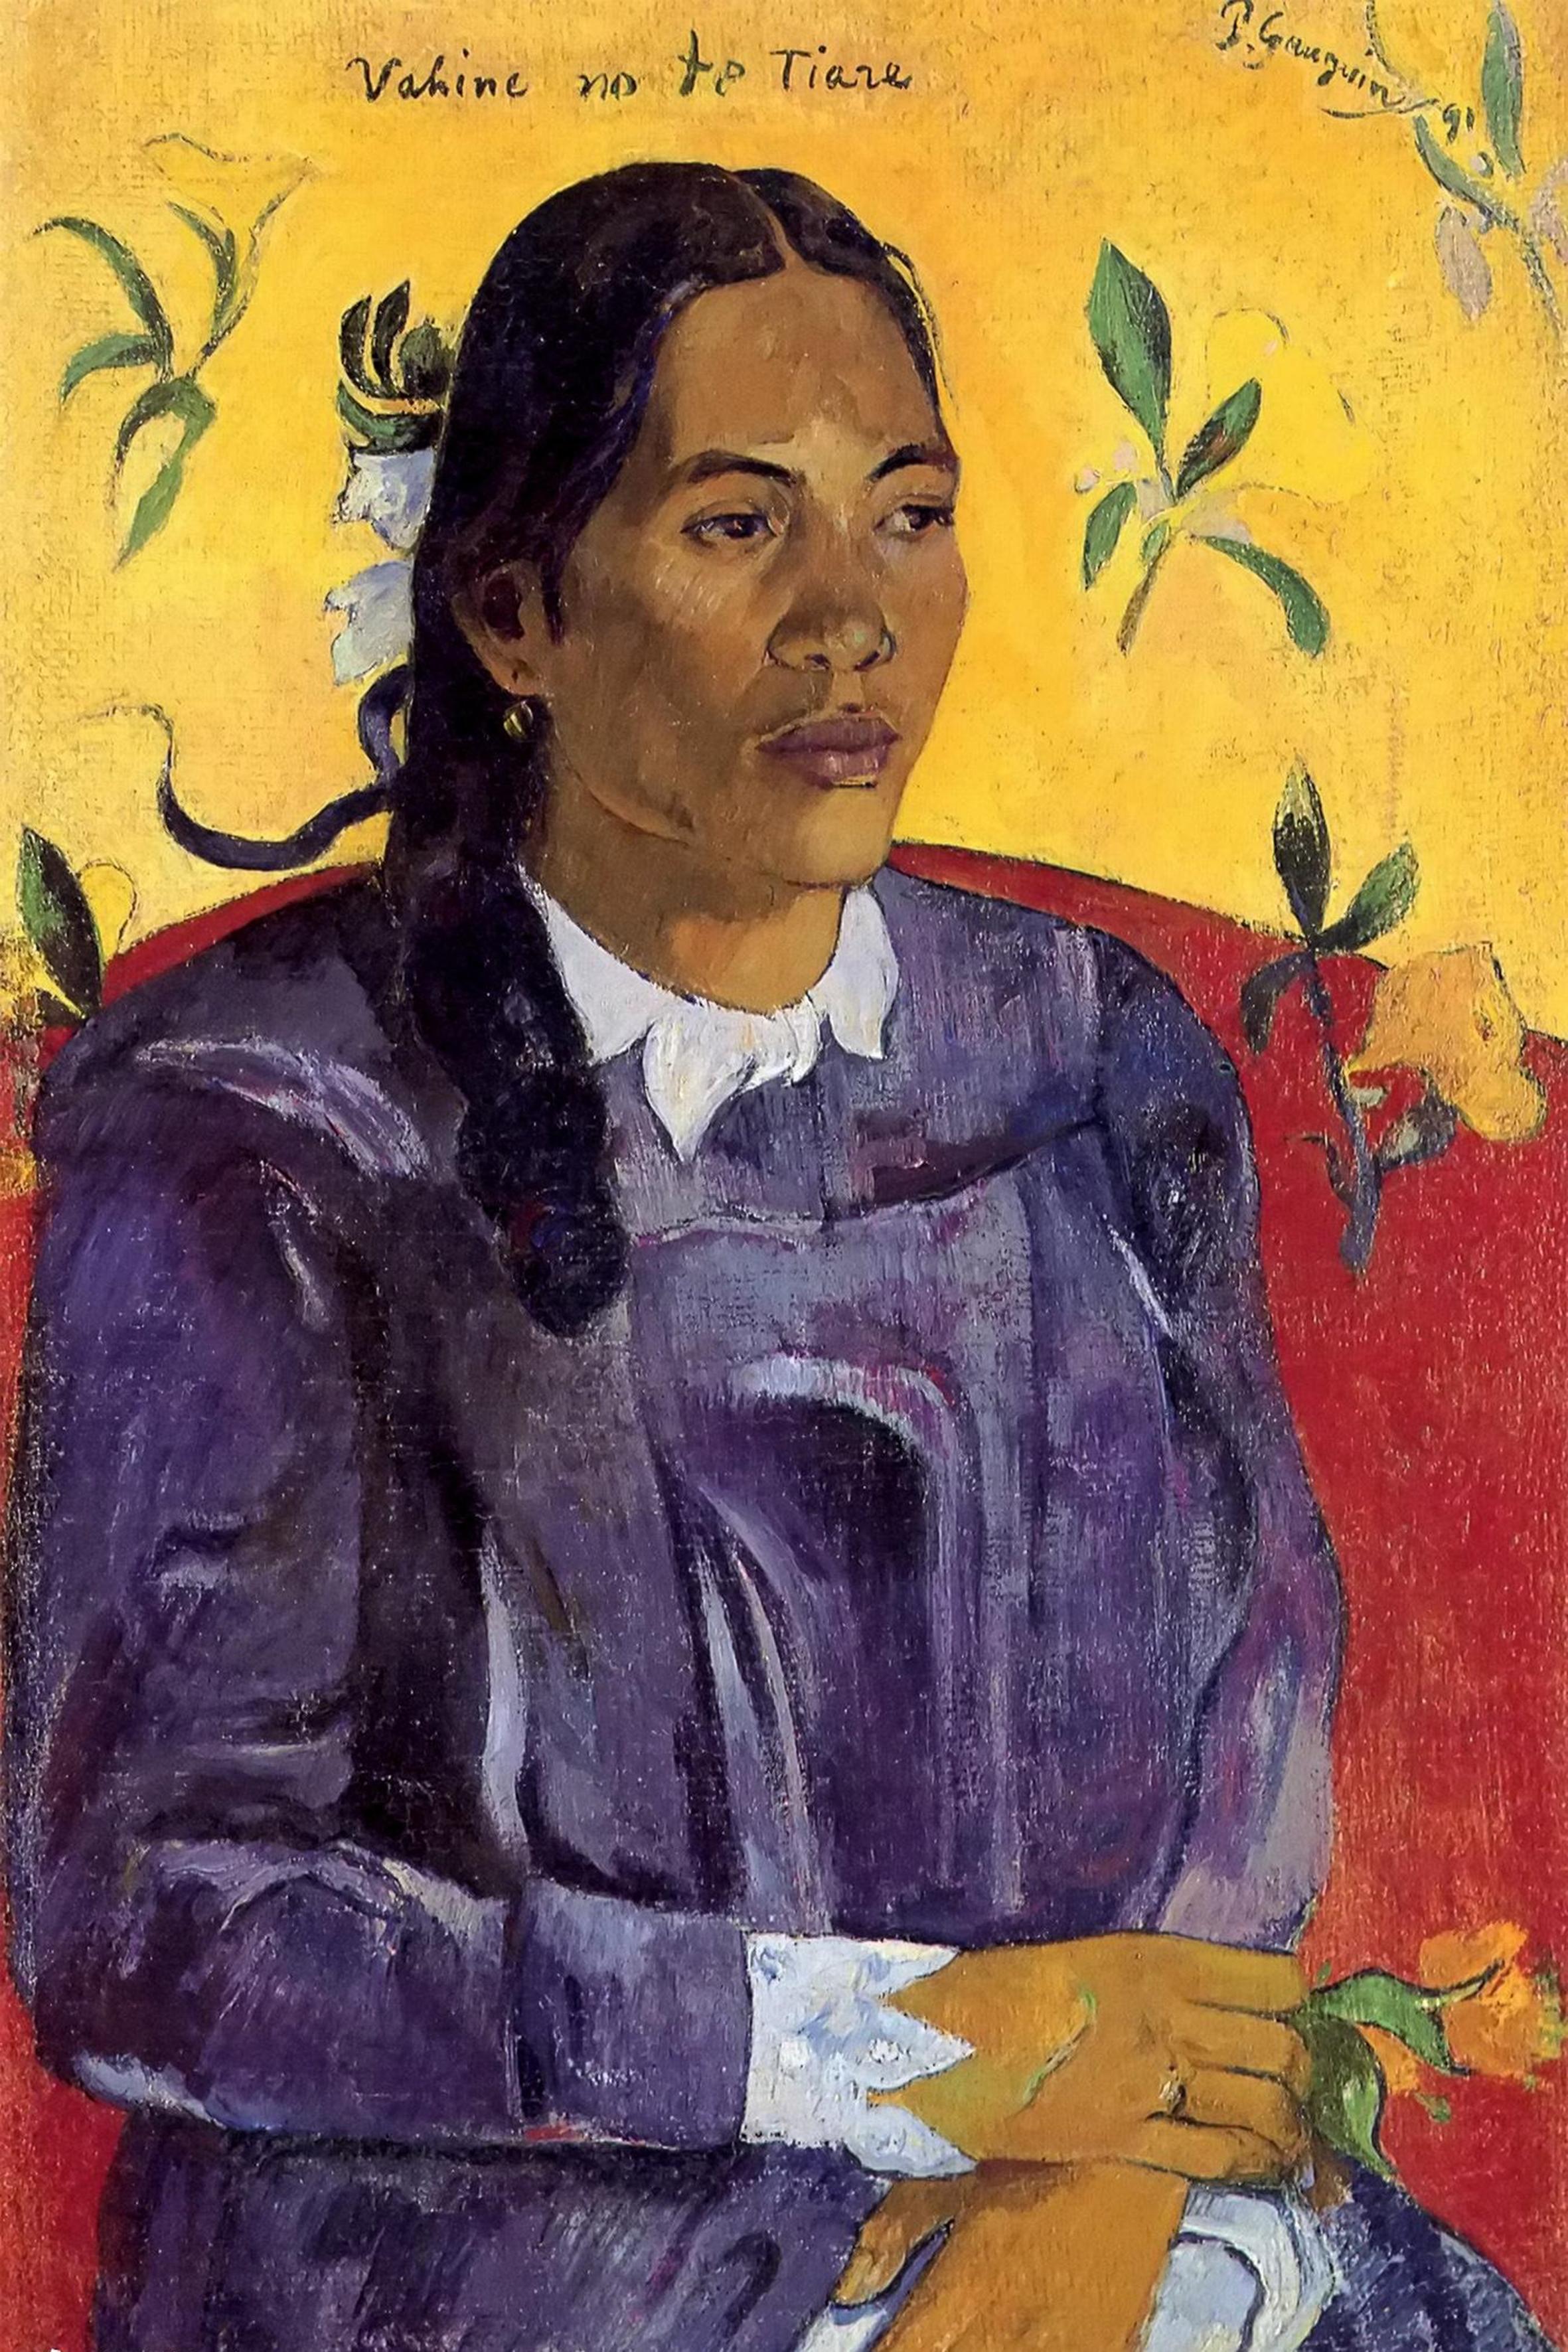 Vahine no te tiare. Paul Gauguin, Tahiti 1891